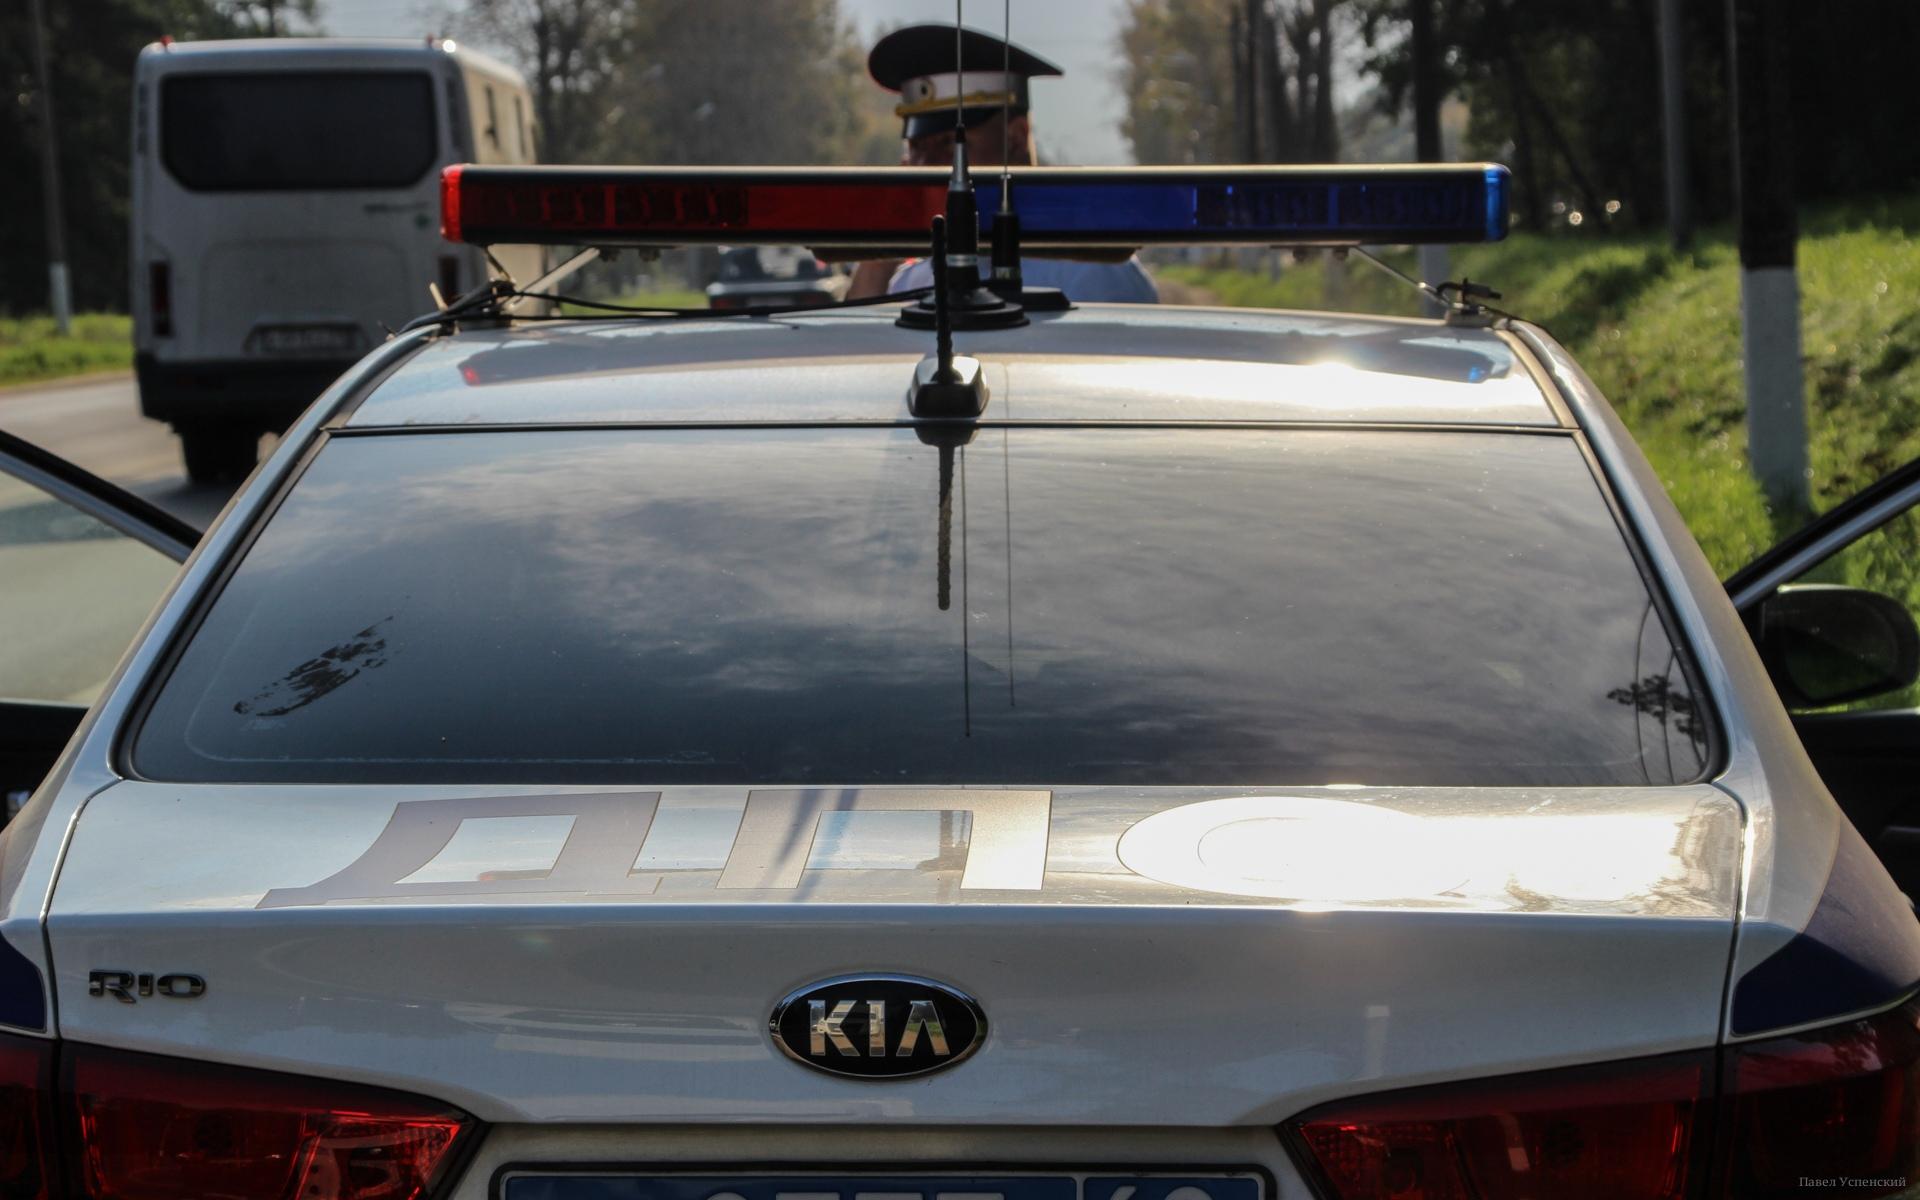 На трассе М9 в Тверской области у фуры взорвалось колесо, водитель получил травмы - новости Афанасий